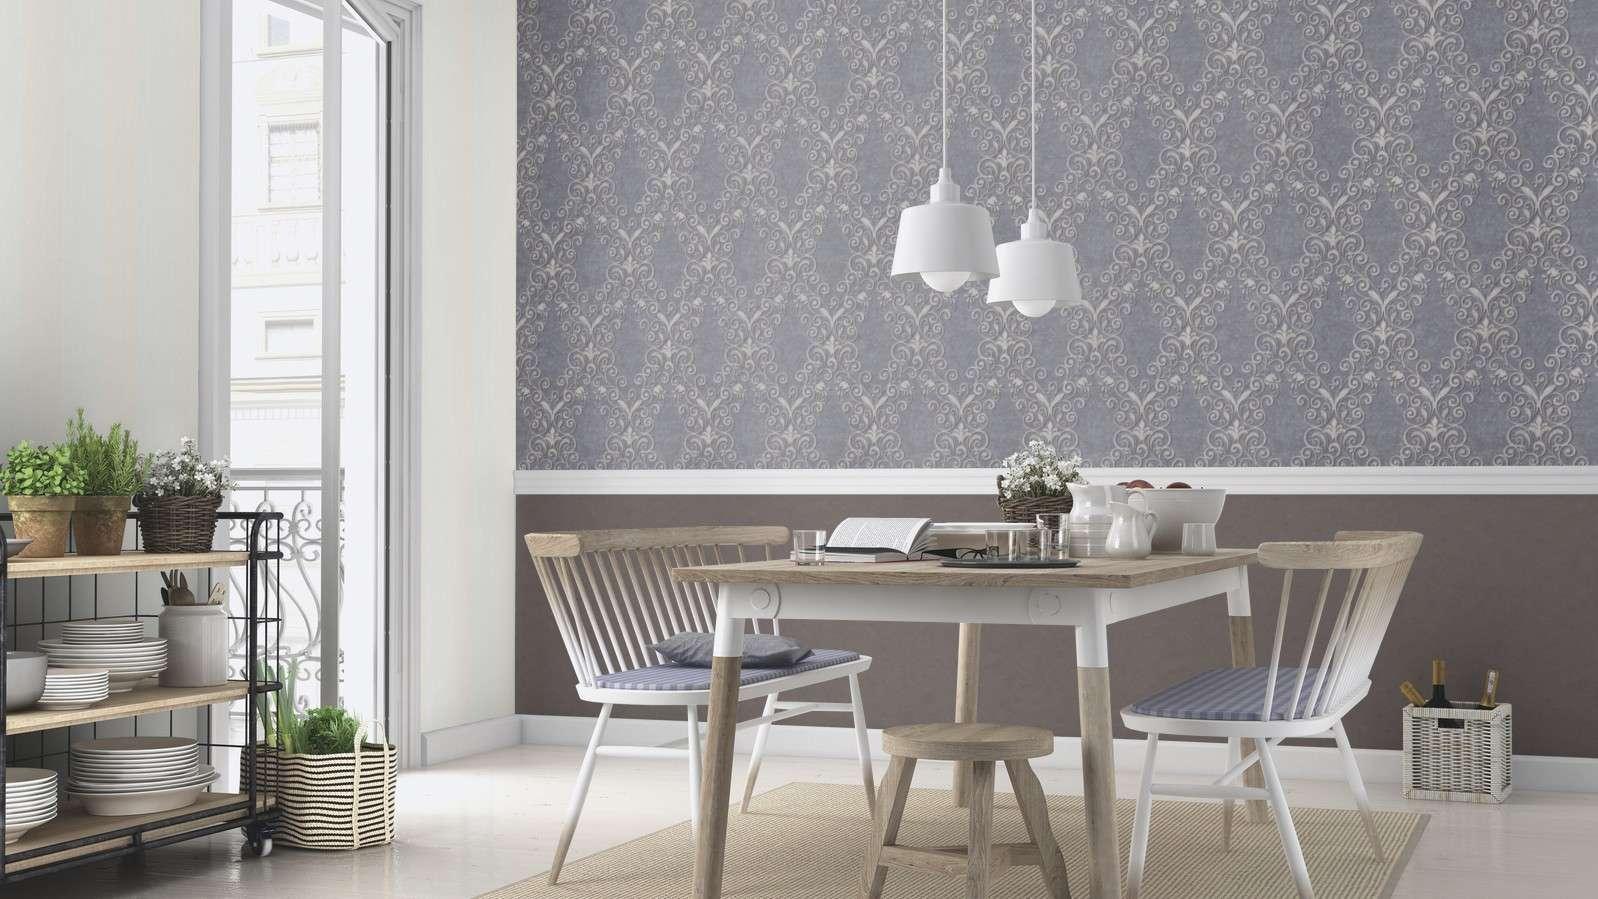 Шпалери Erismann: 60+ обраних ідей для створення неповторних домашніх інтерєрів